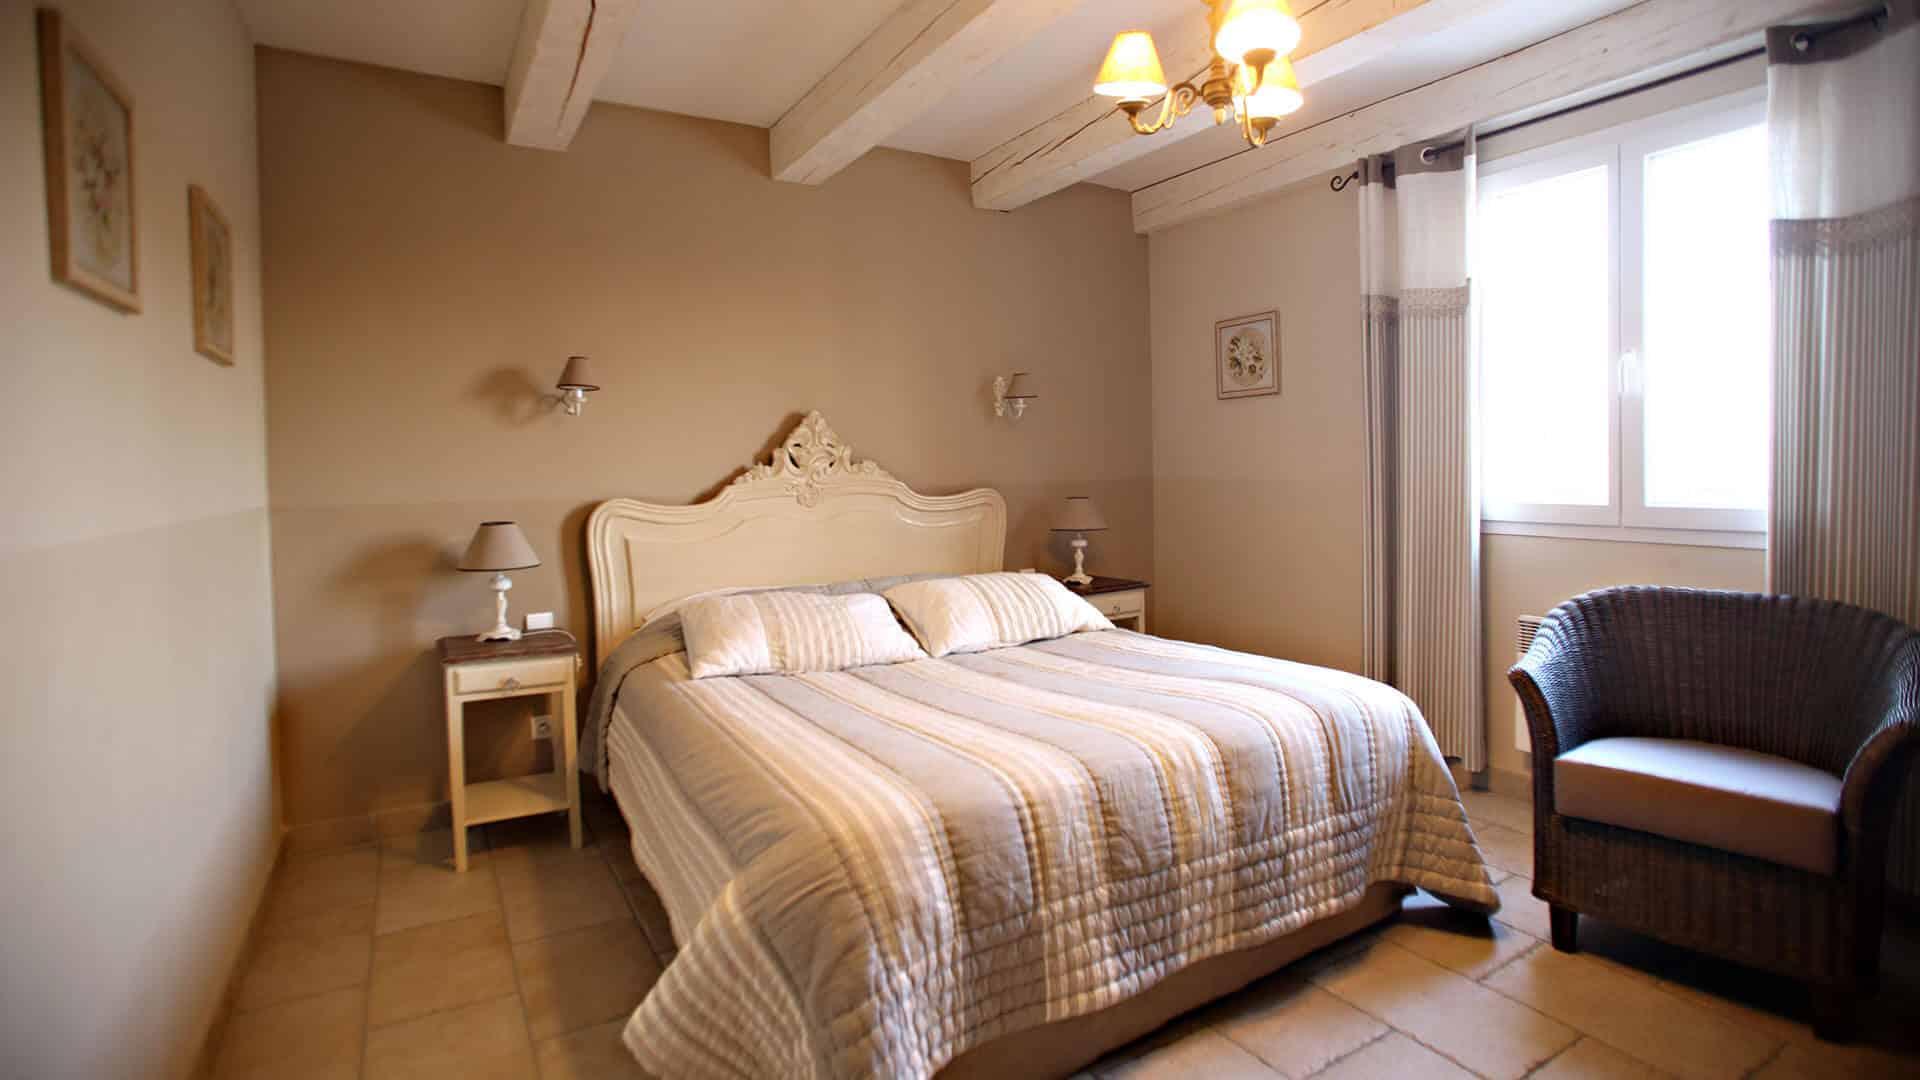 Louer villa vacances Provence Alpes Côte d'Azur | Villa les coquelicots | Chambre double romantique